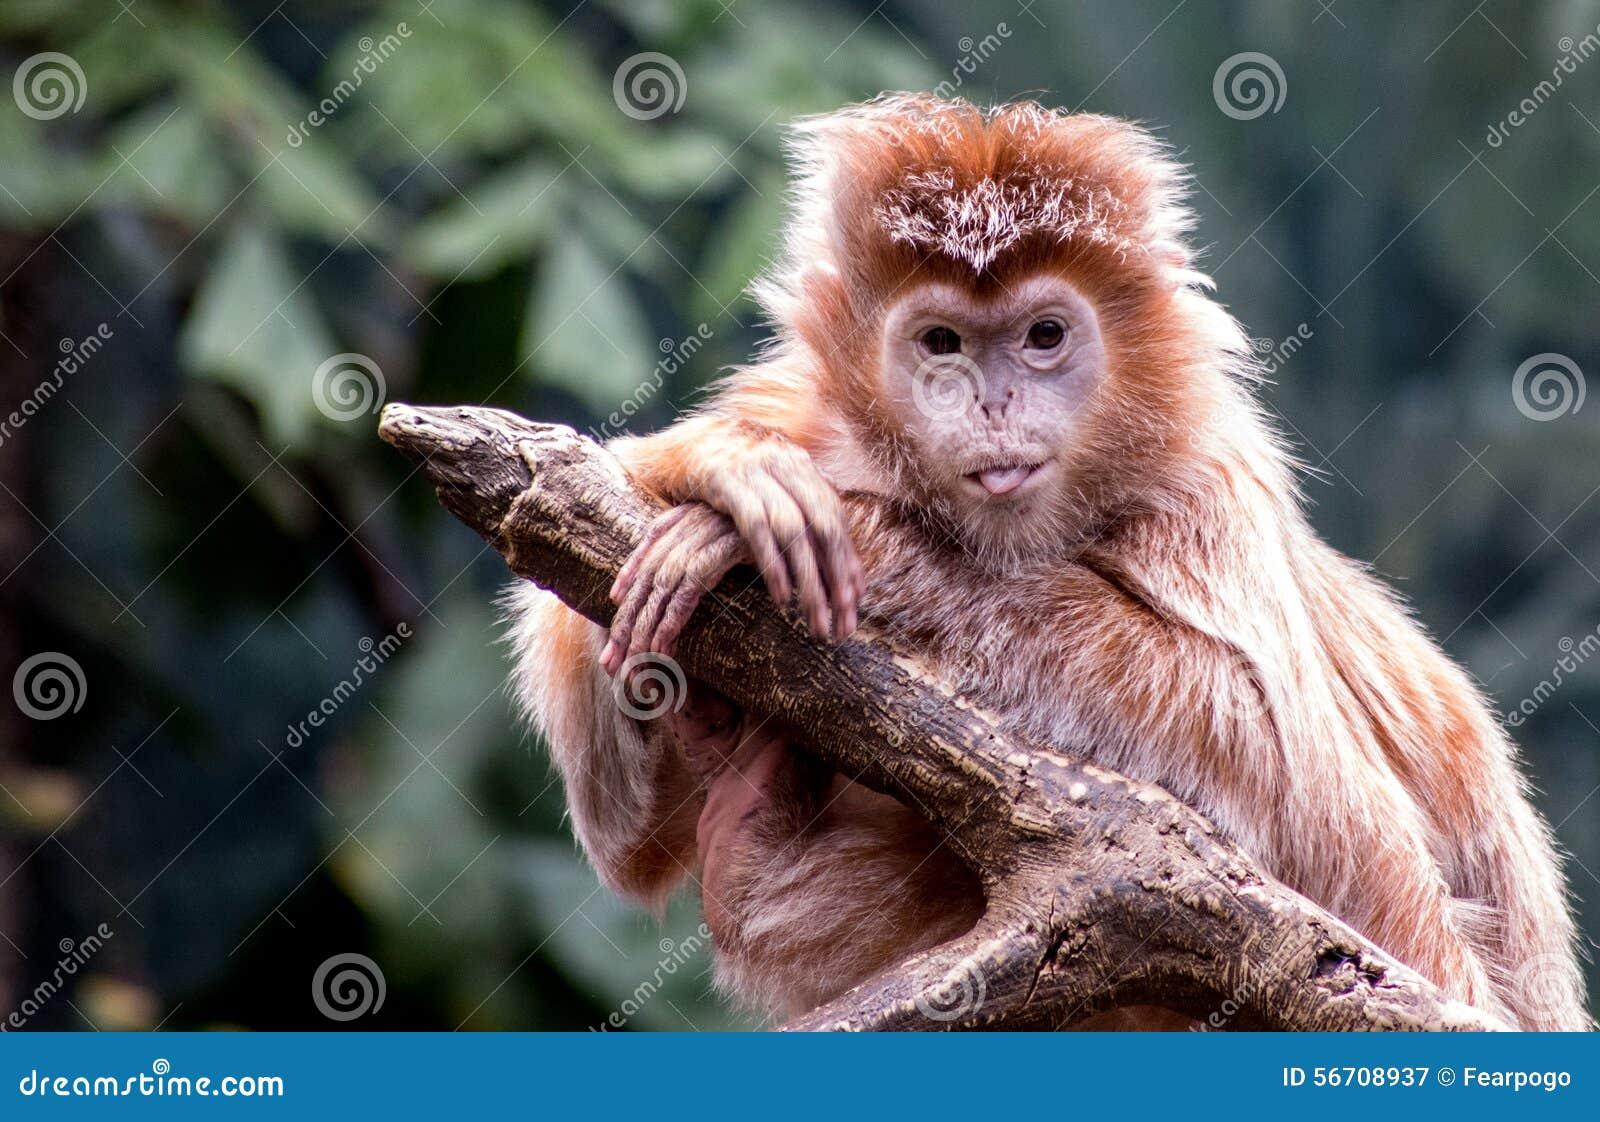 ebony langur monkey sticks its tongue out stock image - image of